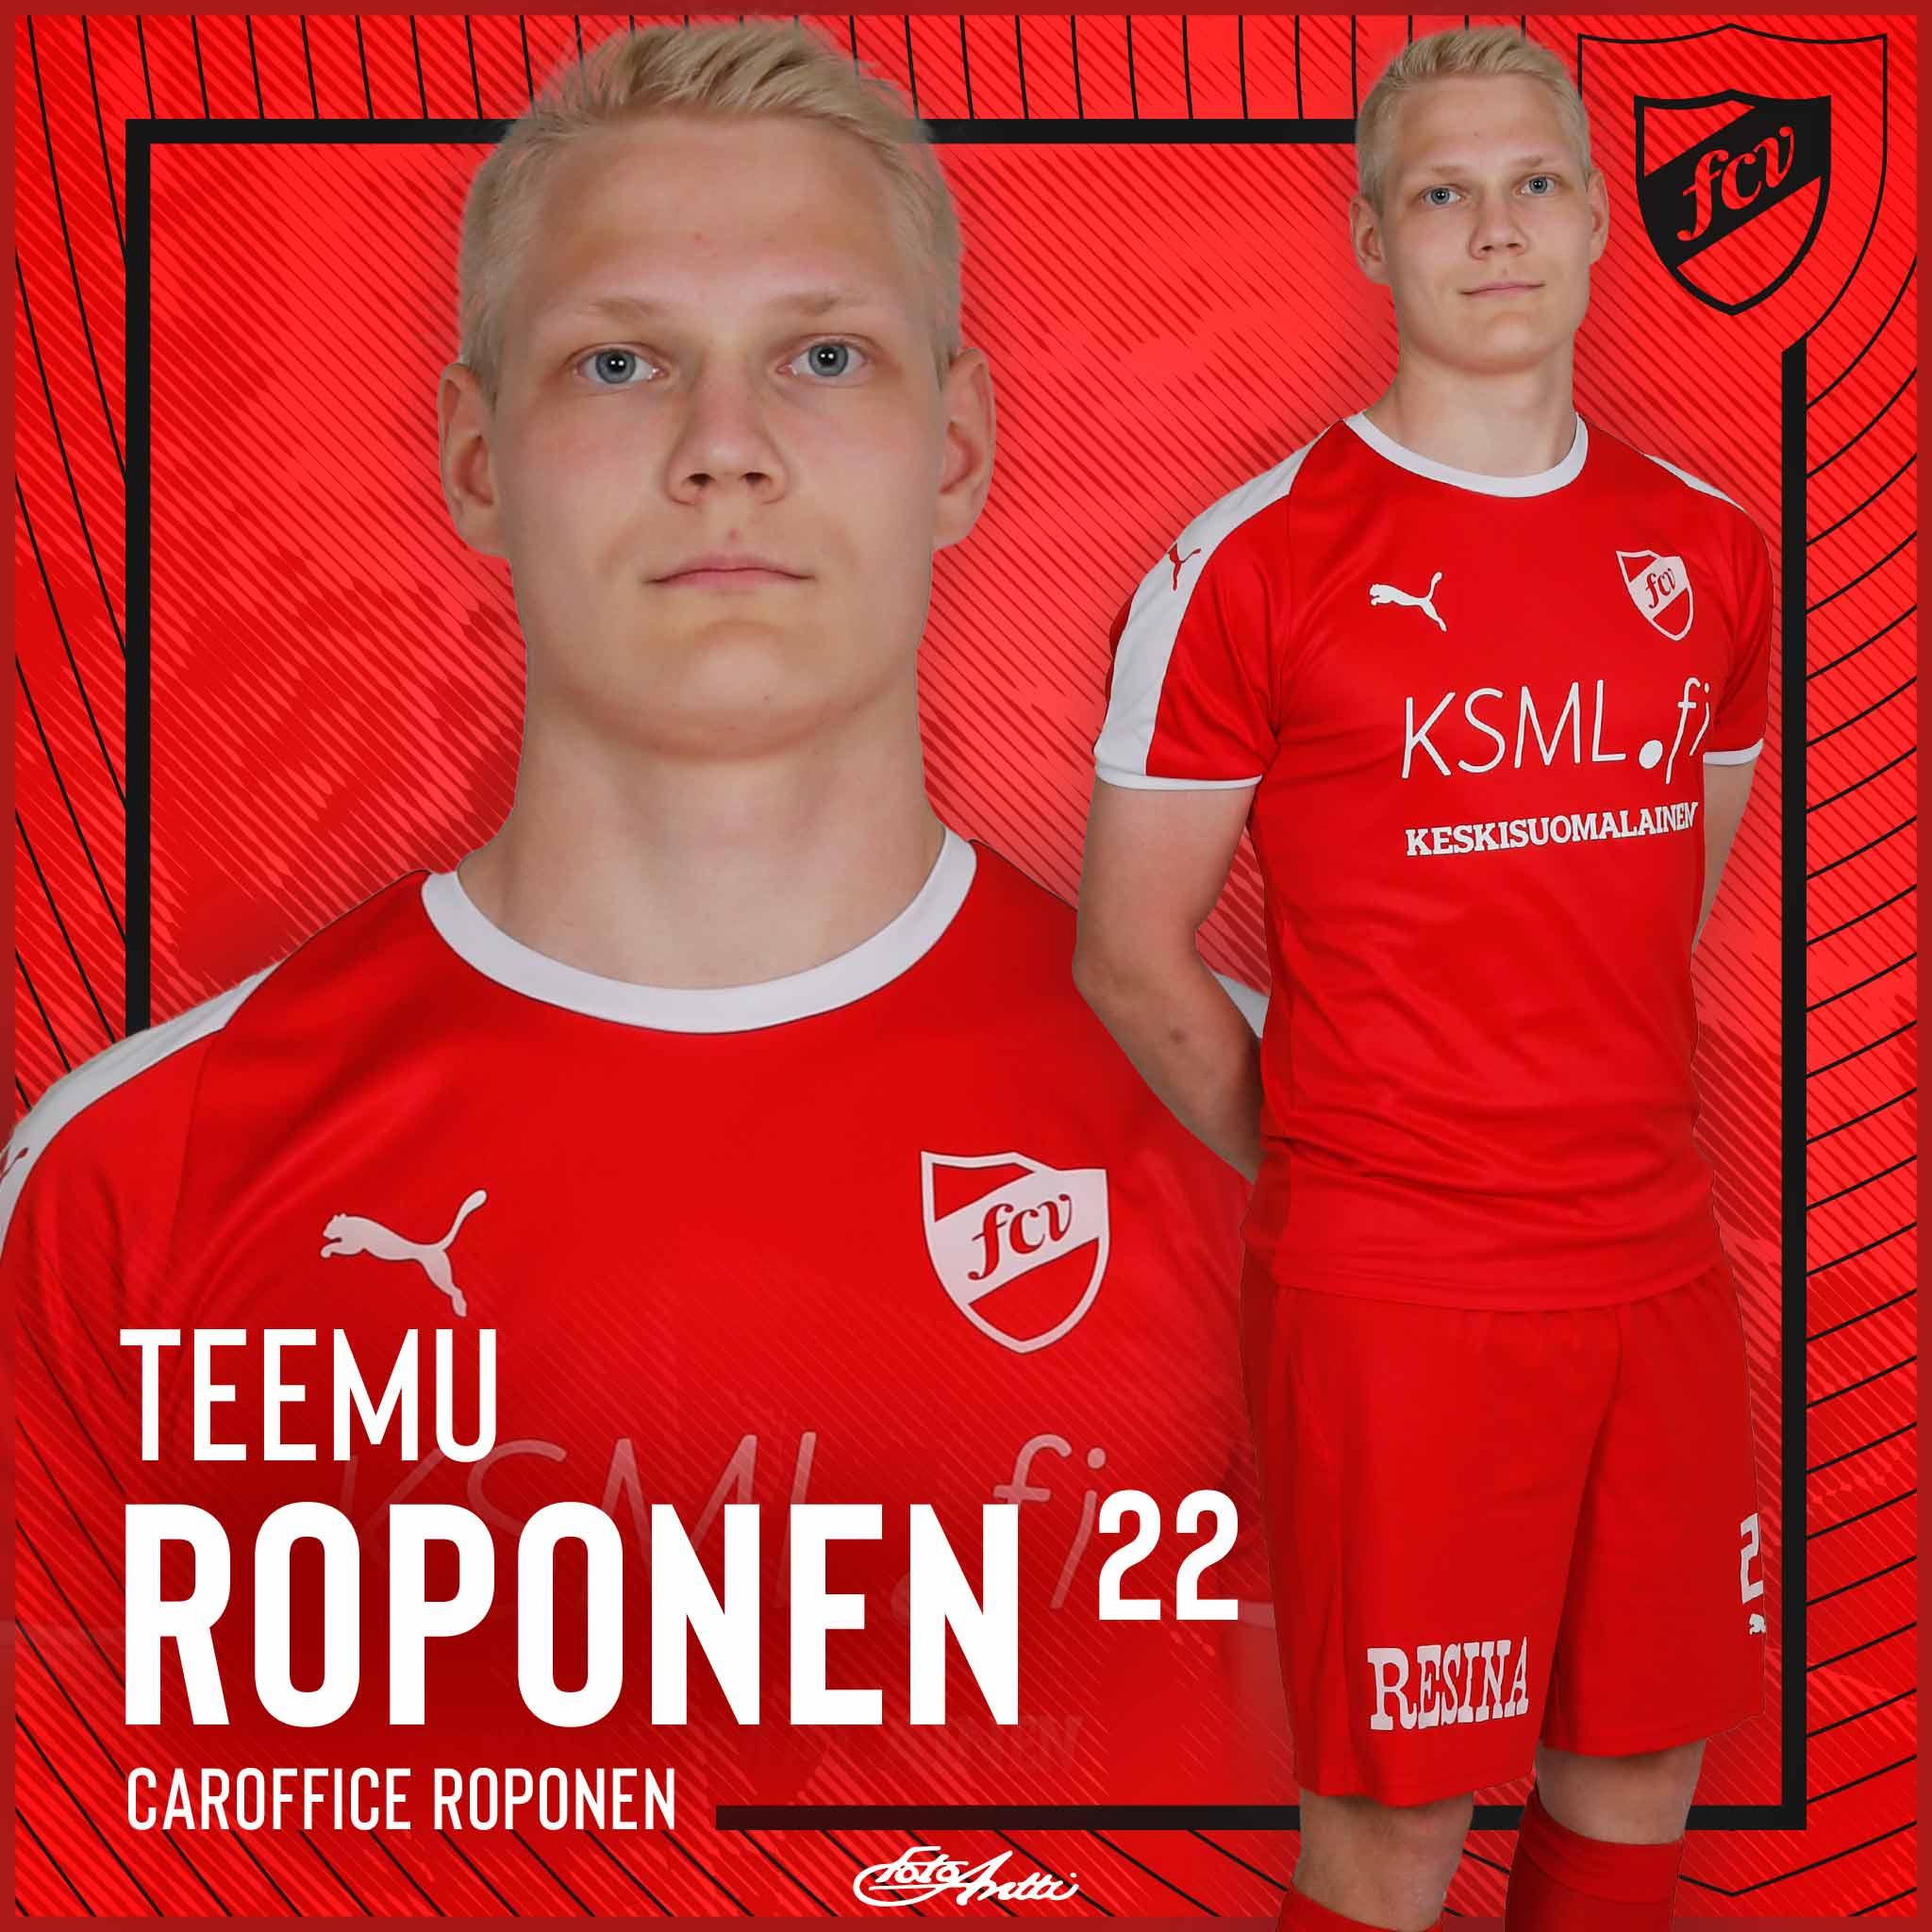 Teemu Roponen